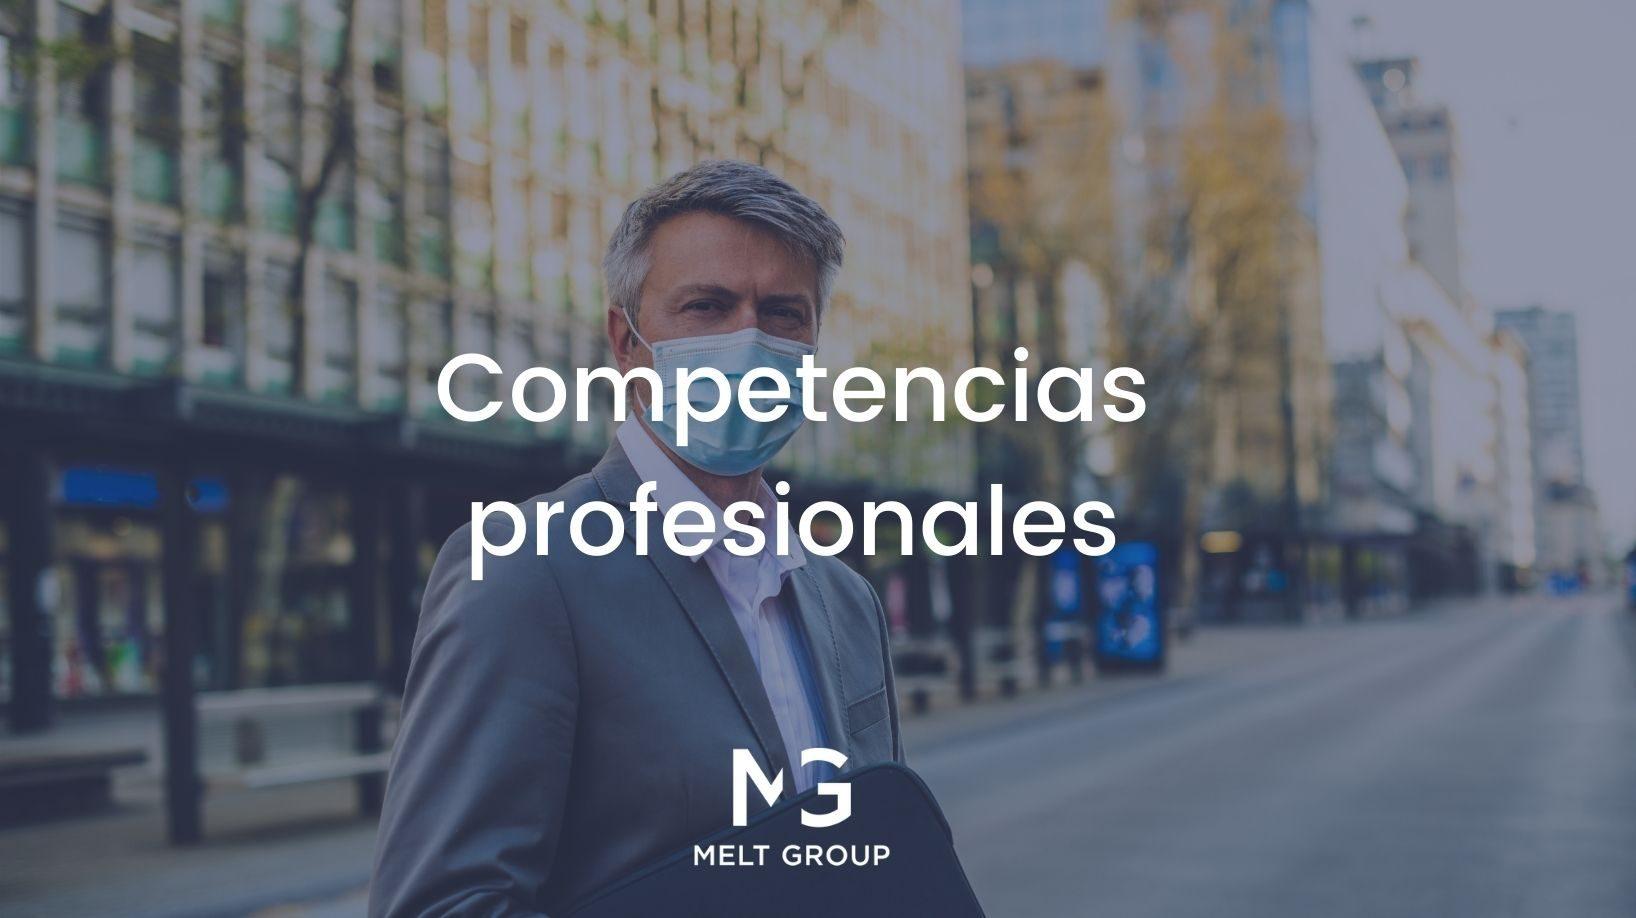 Competencias profesionales imprescindibles